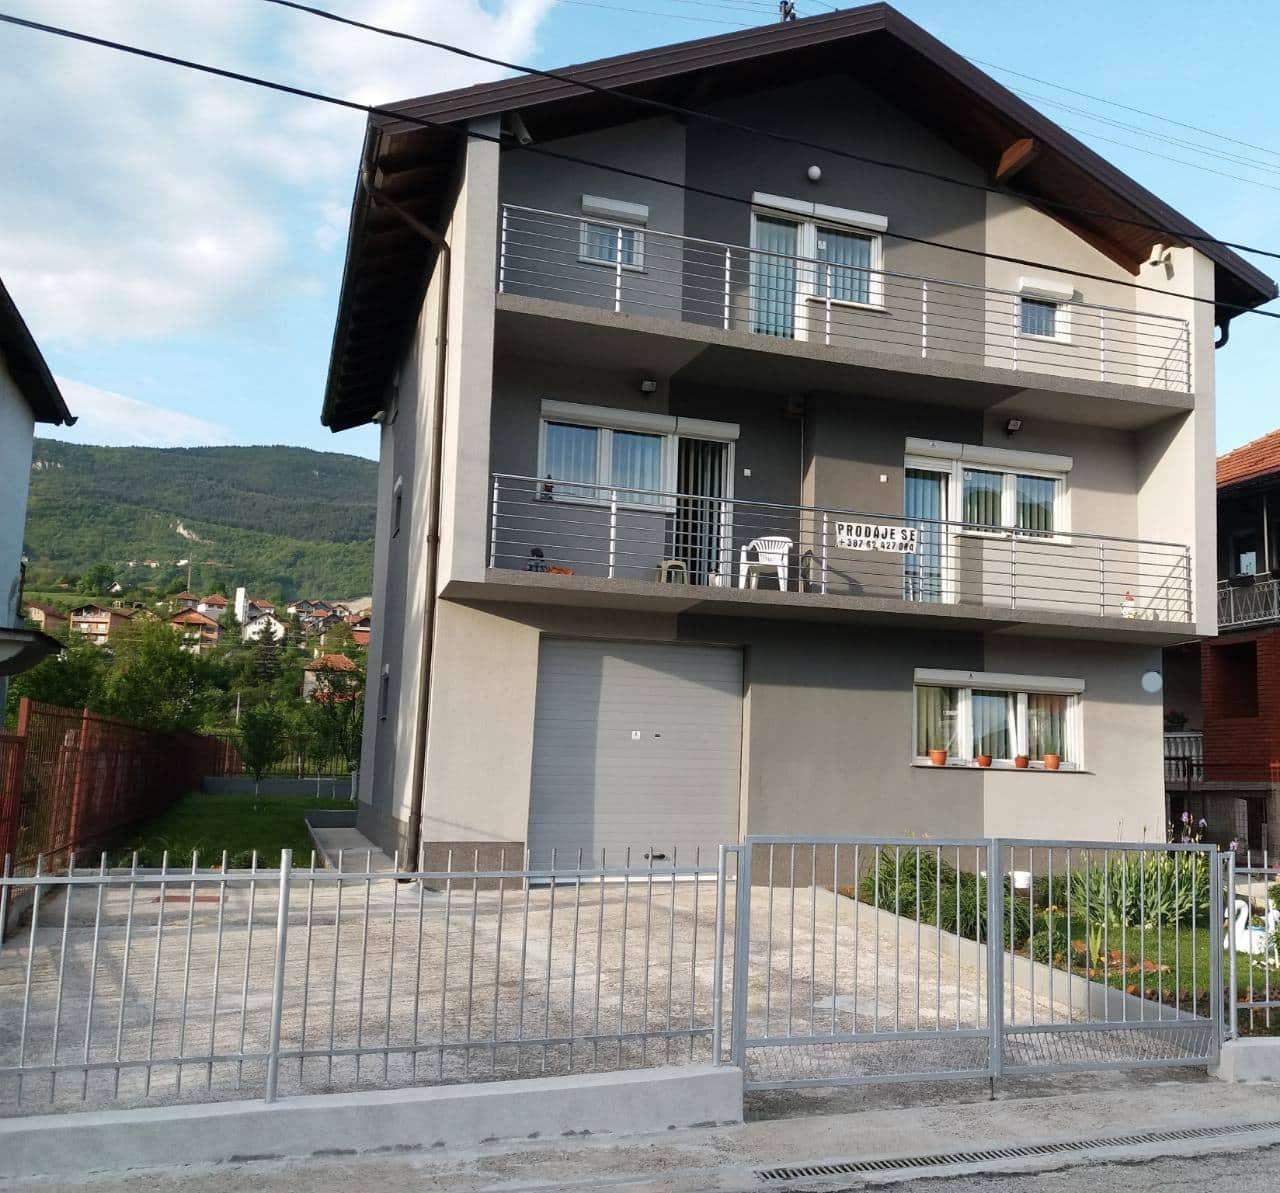 HITNO: Na prodaju renovirana i odmah useljiva kuća u Zenici